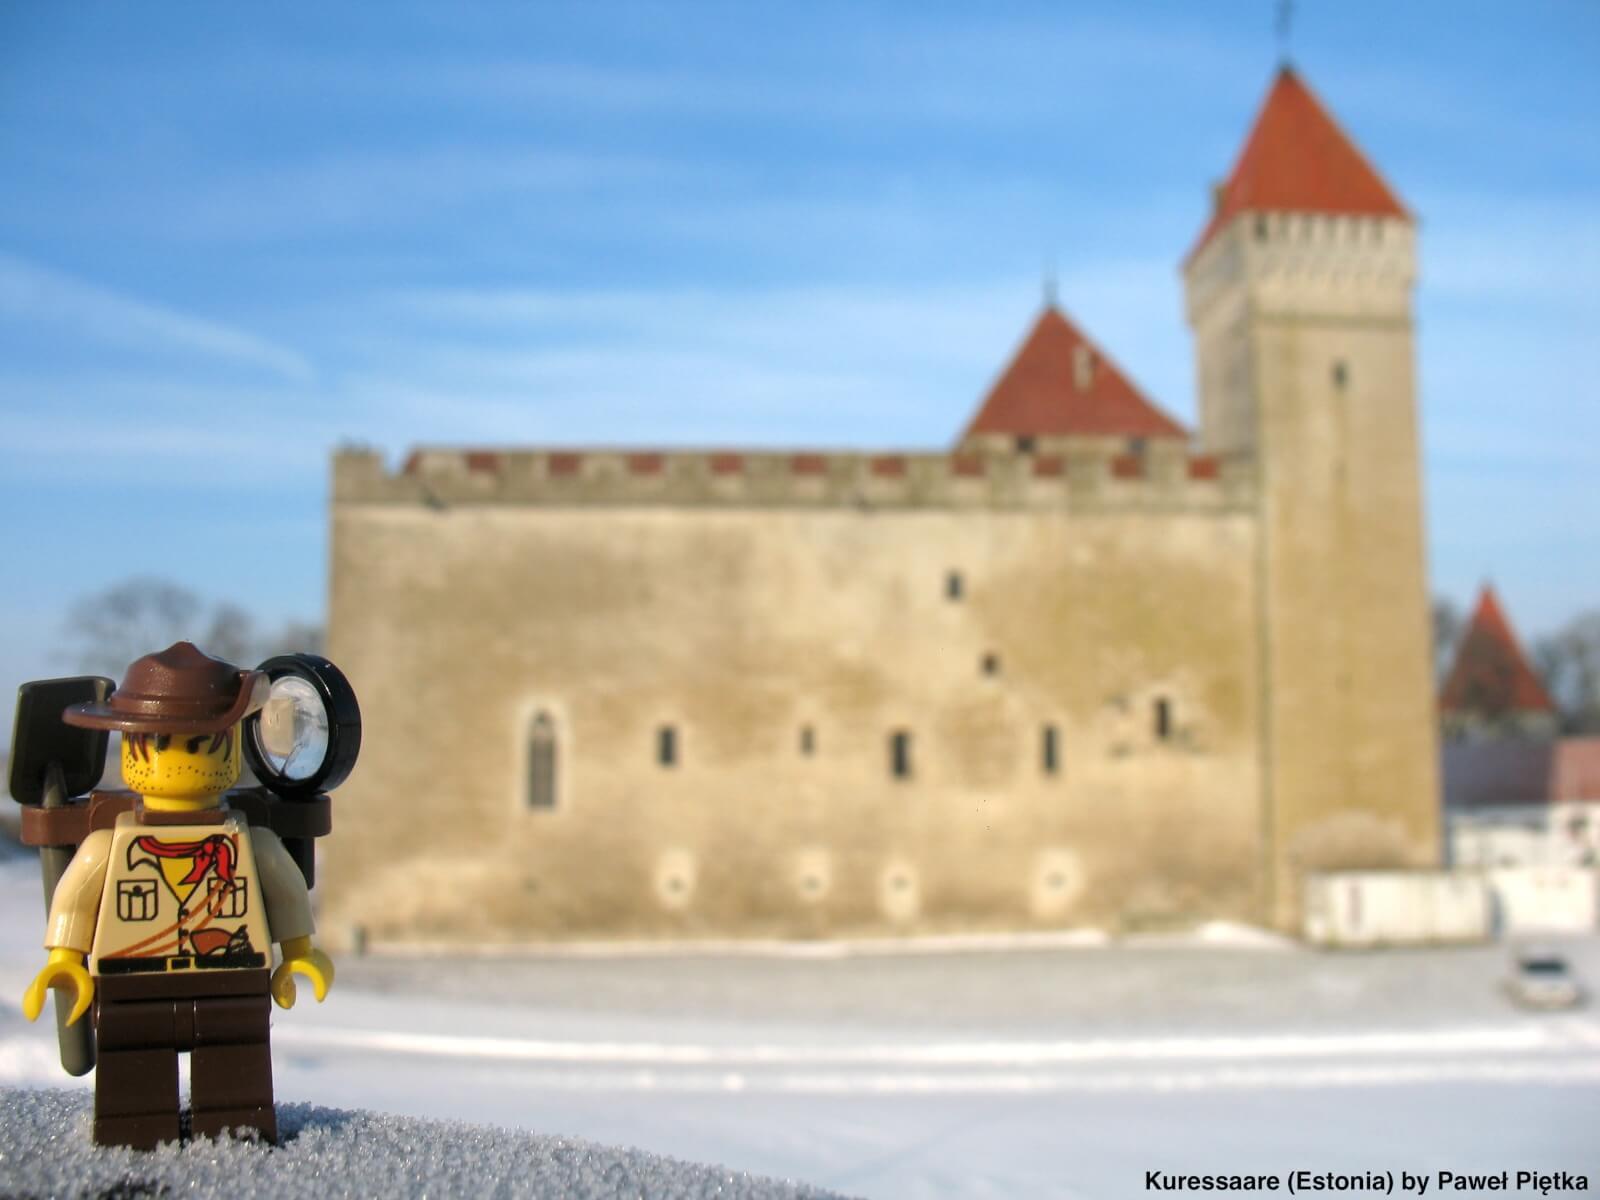 Kuressaare (Estonia) - Episcopal Castle